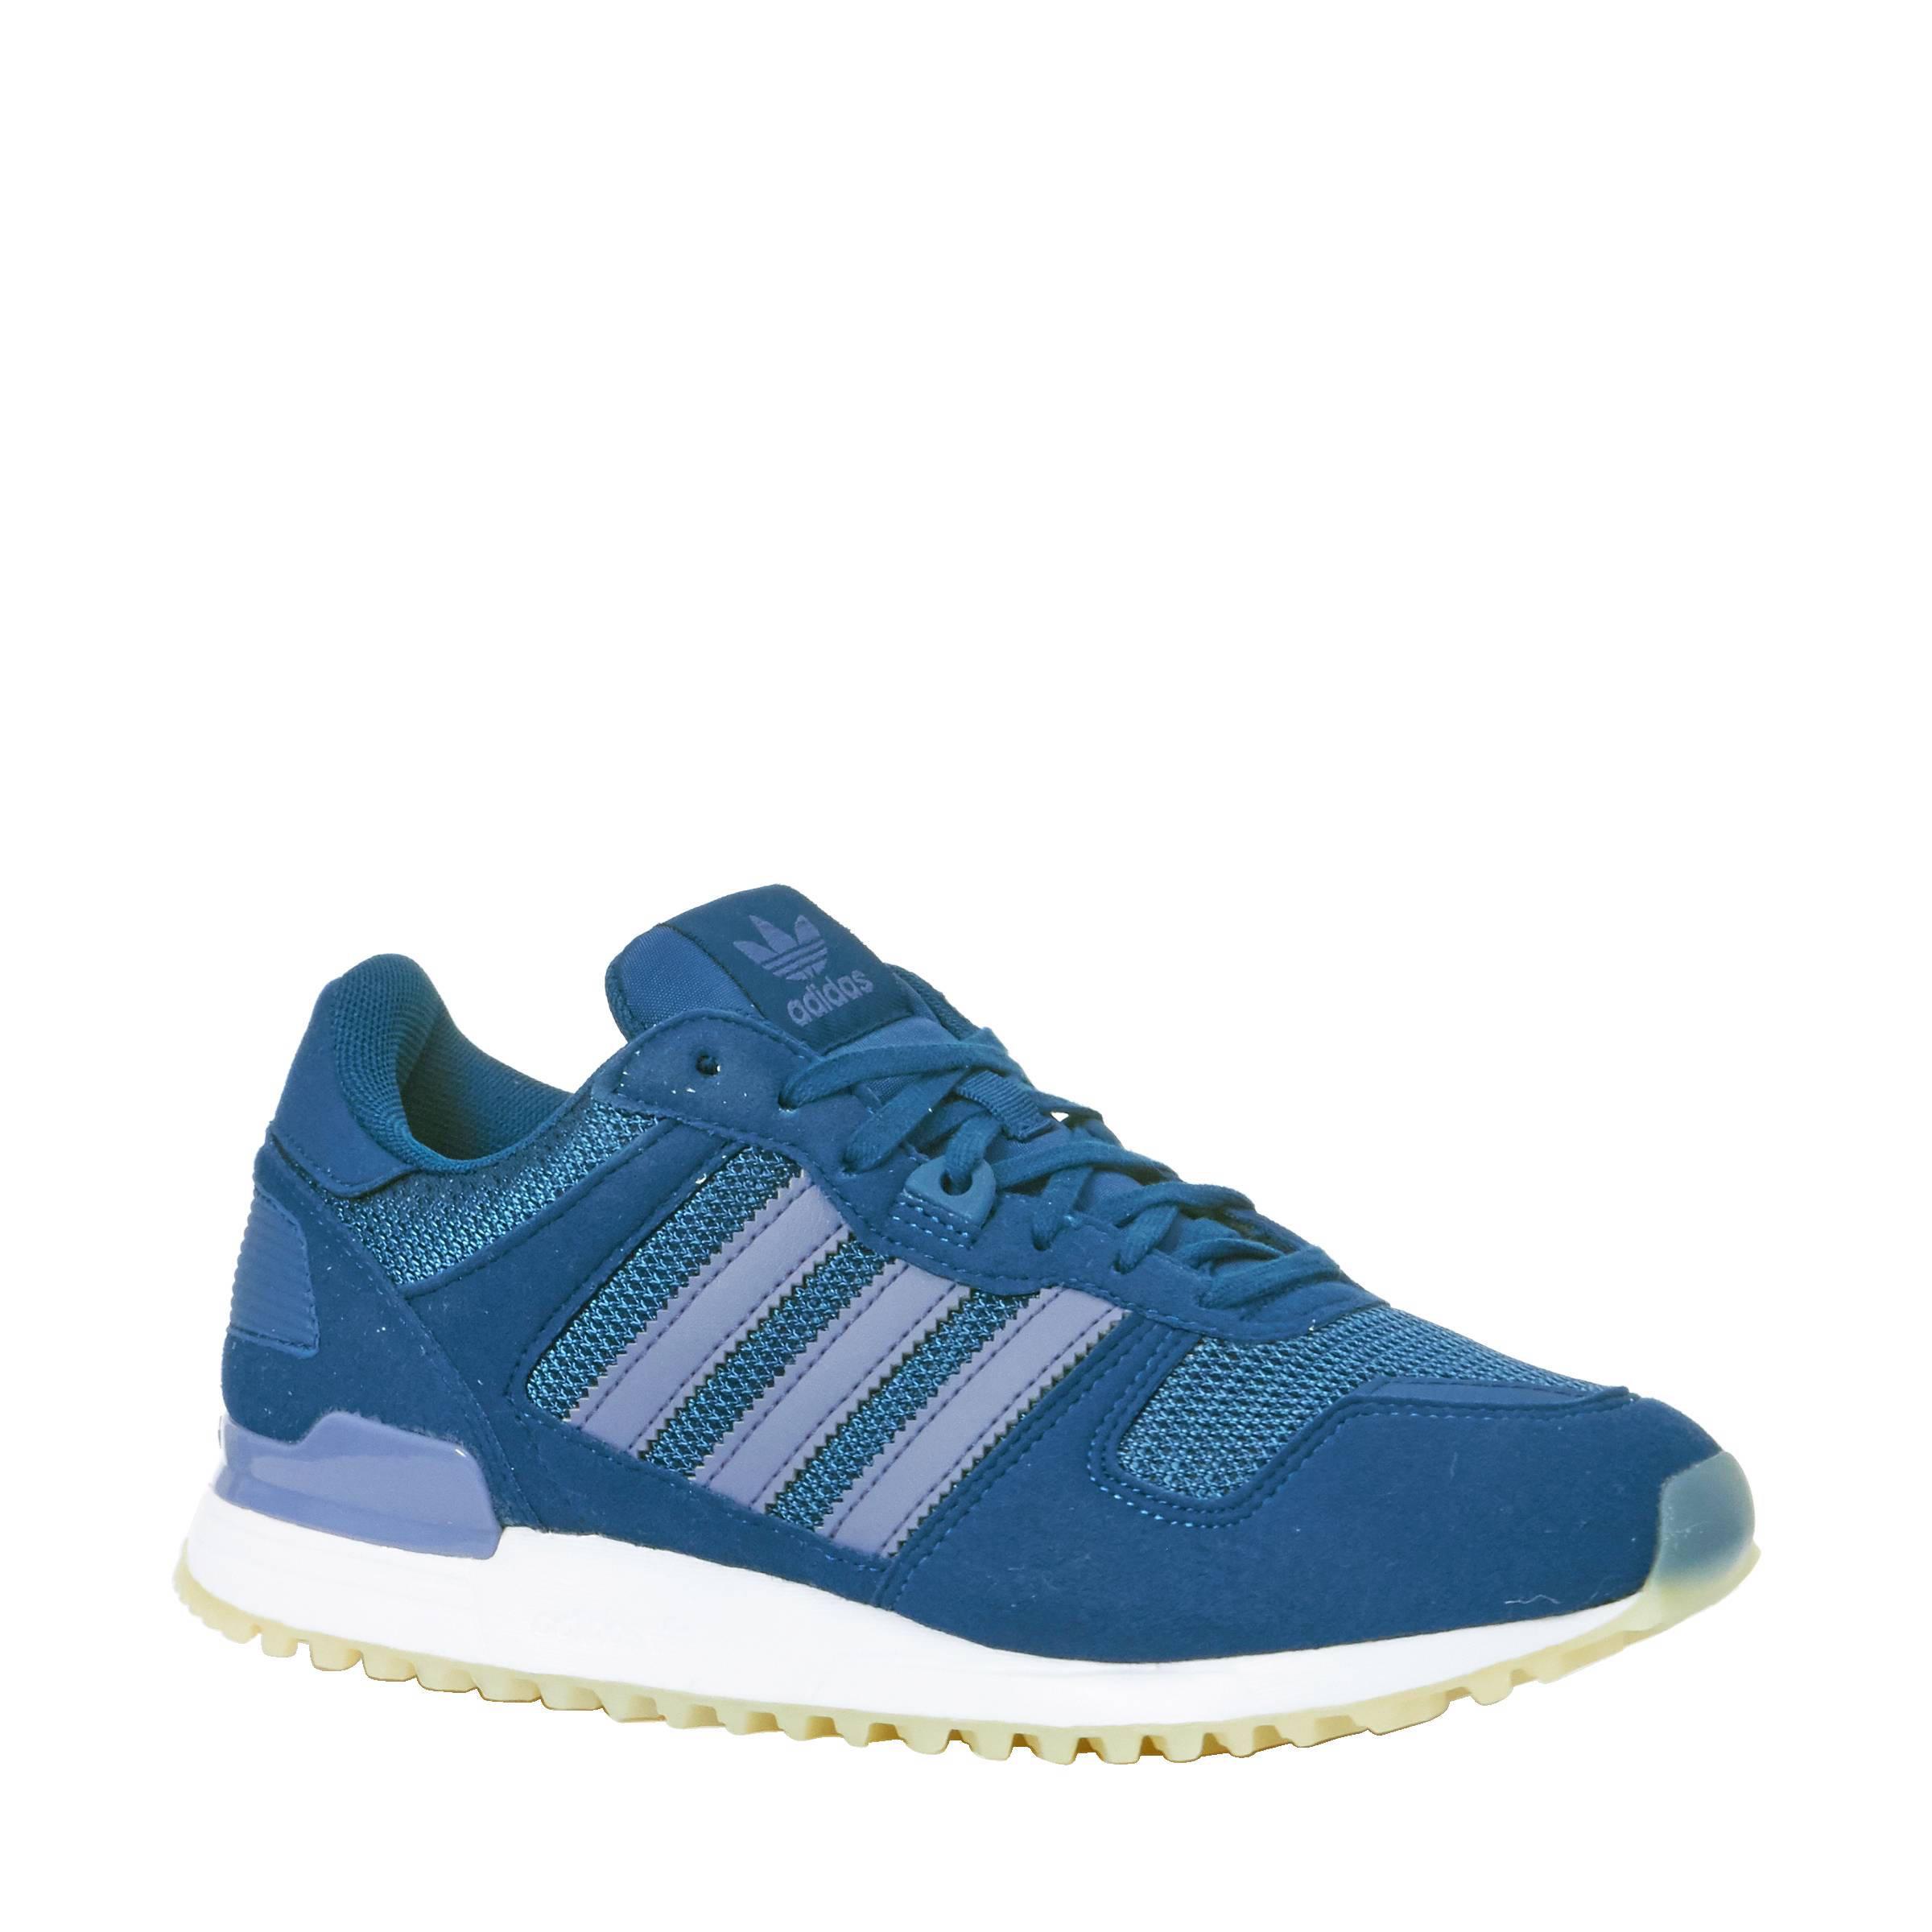 Adidas ZX 700 dames   WeAre   Voardsporten, sneakers en